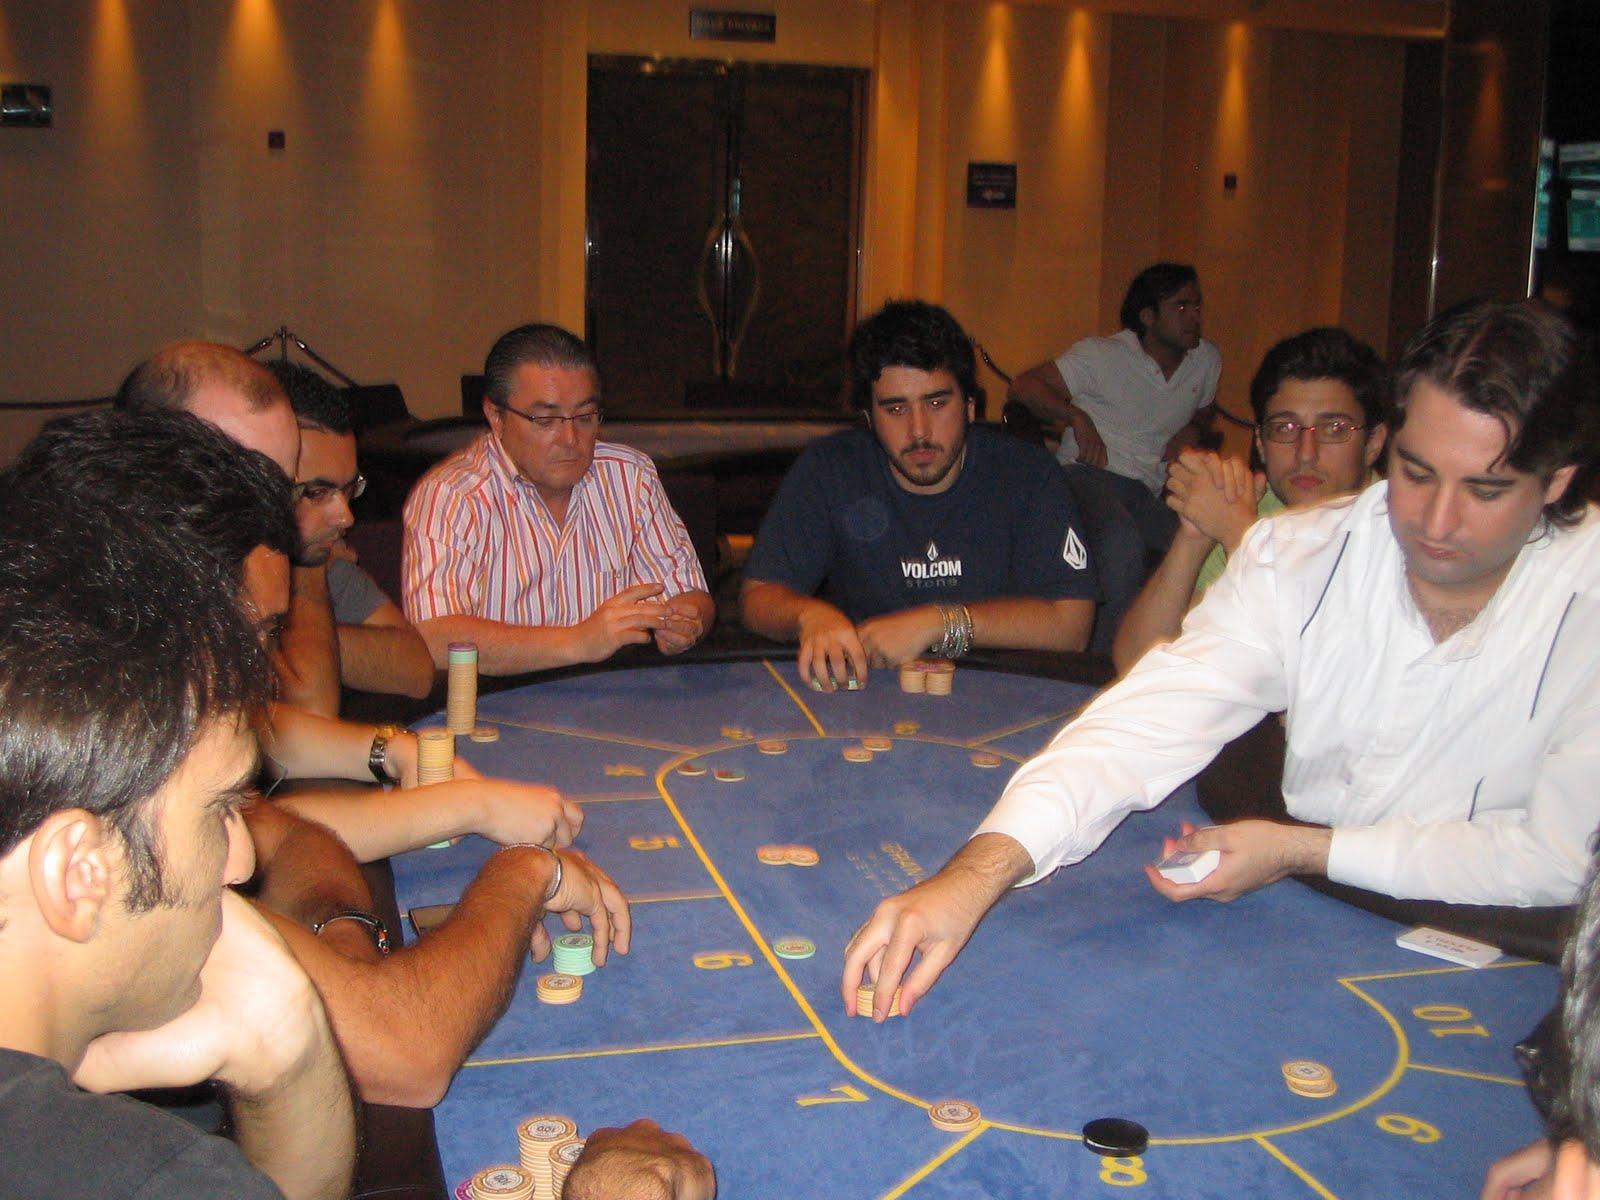 Casino sevilla poker